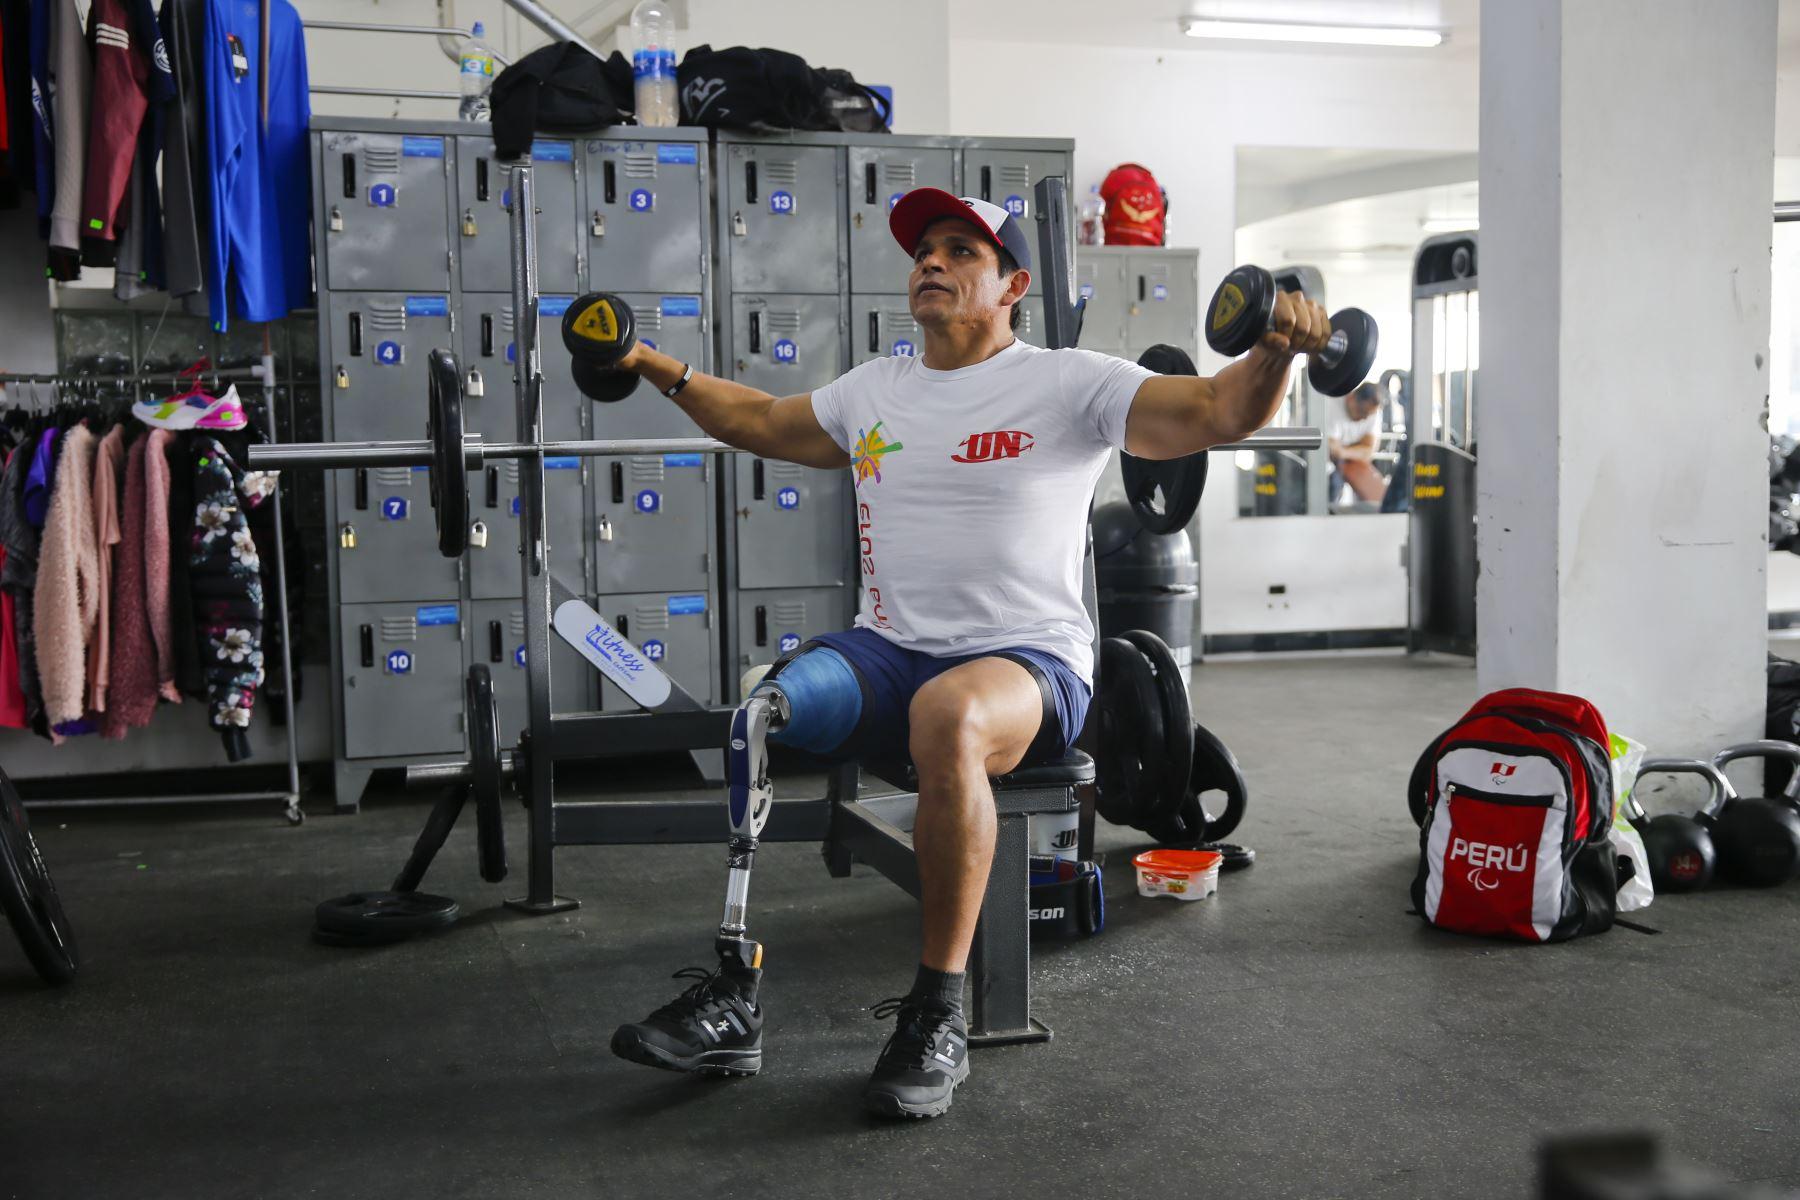 Miguel Siesquen es para deportista peruano que estará presente en los Juegos Parapanamericanos Lima 2019. ANDINA/Renato Pajuelo